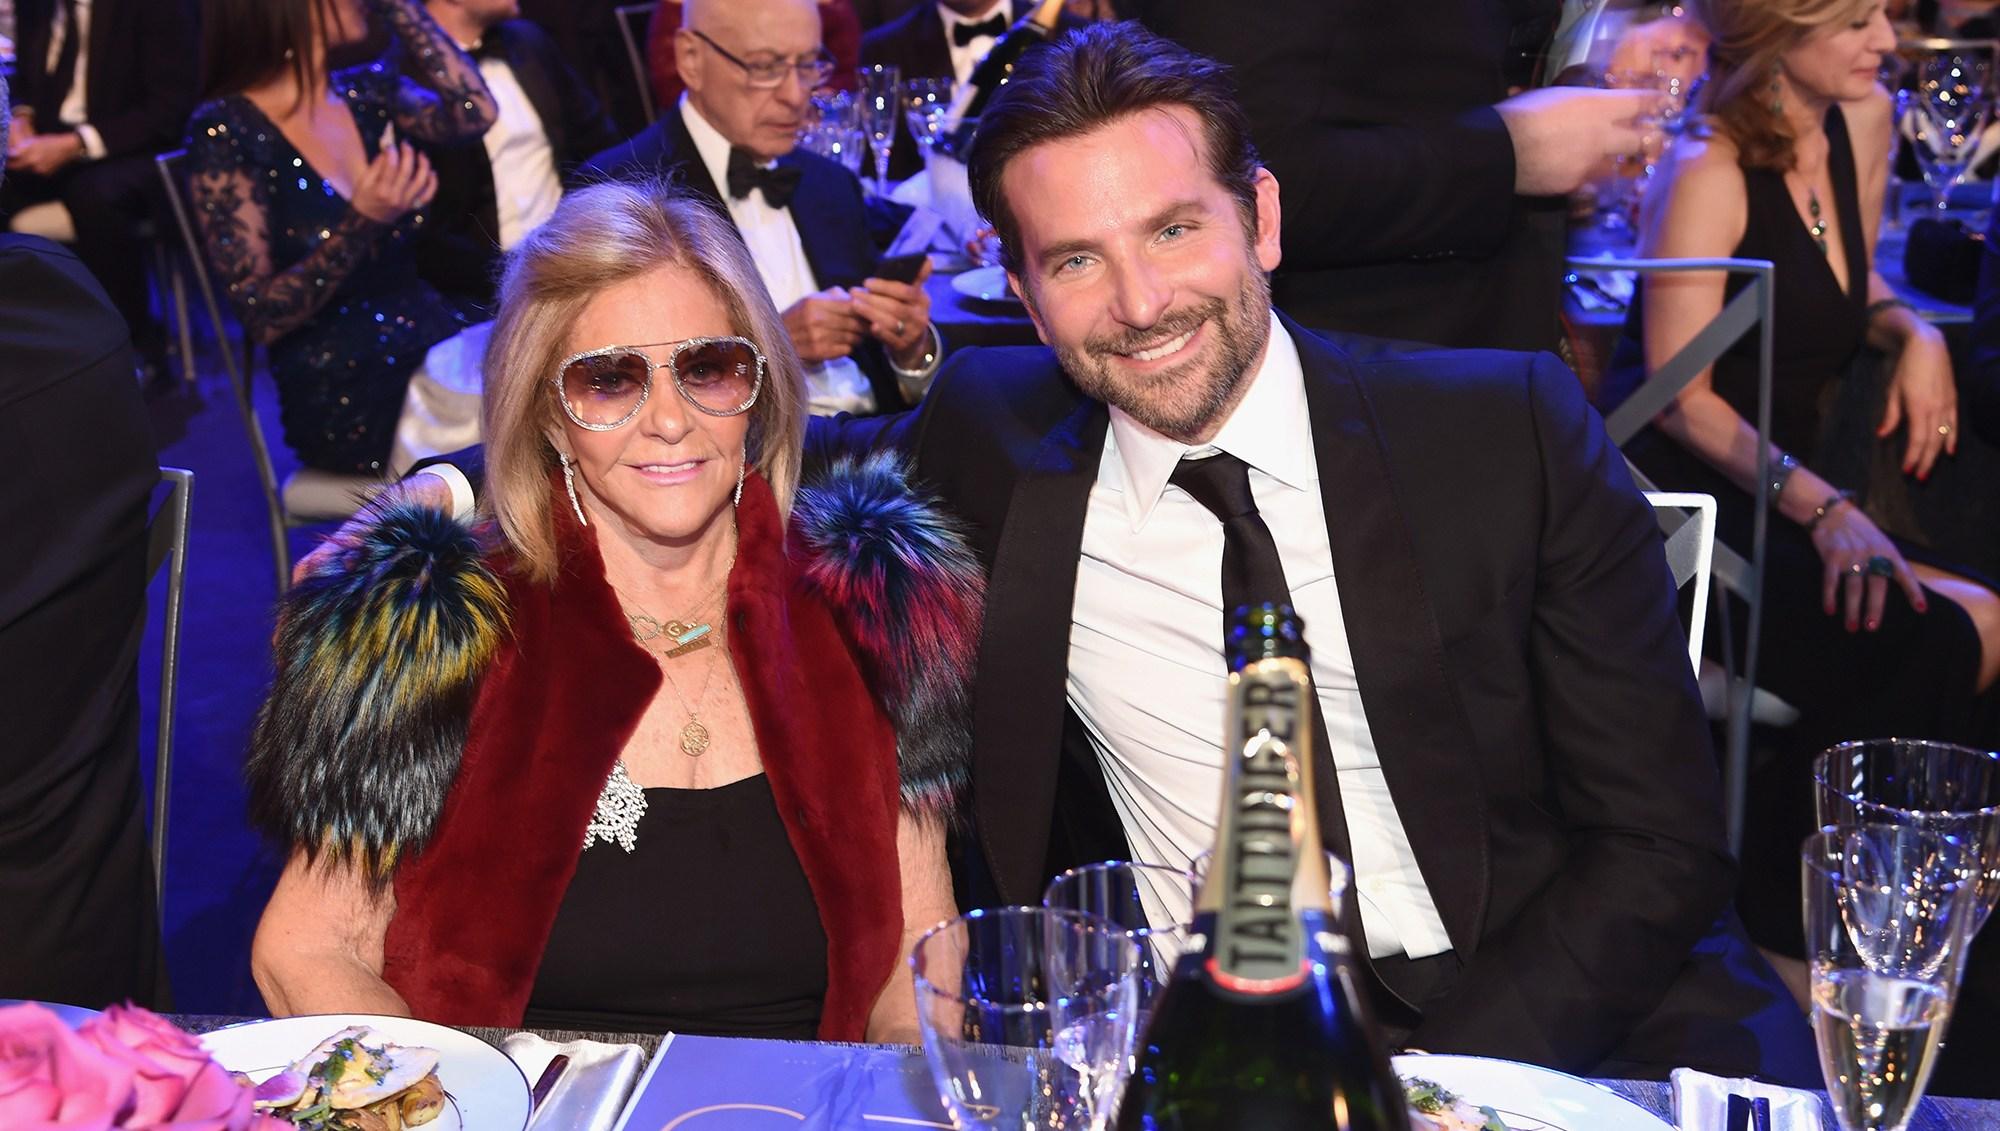 Bradley Cooper Brings His Mom to SAG Awards 2019 as Girlfriend Irina Shayk Works in Europe